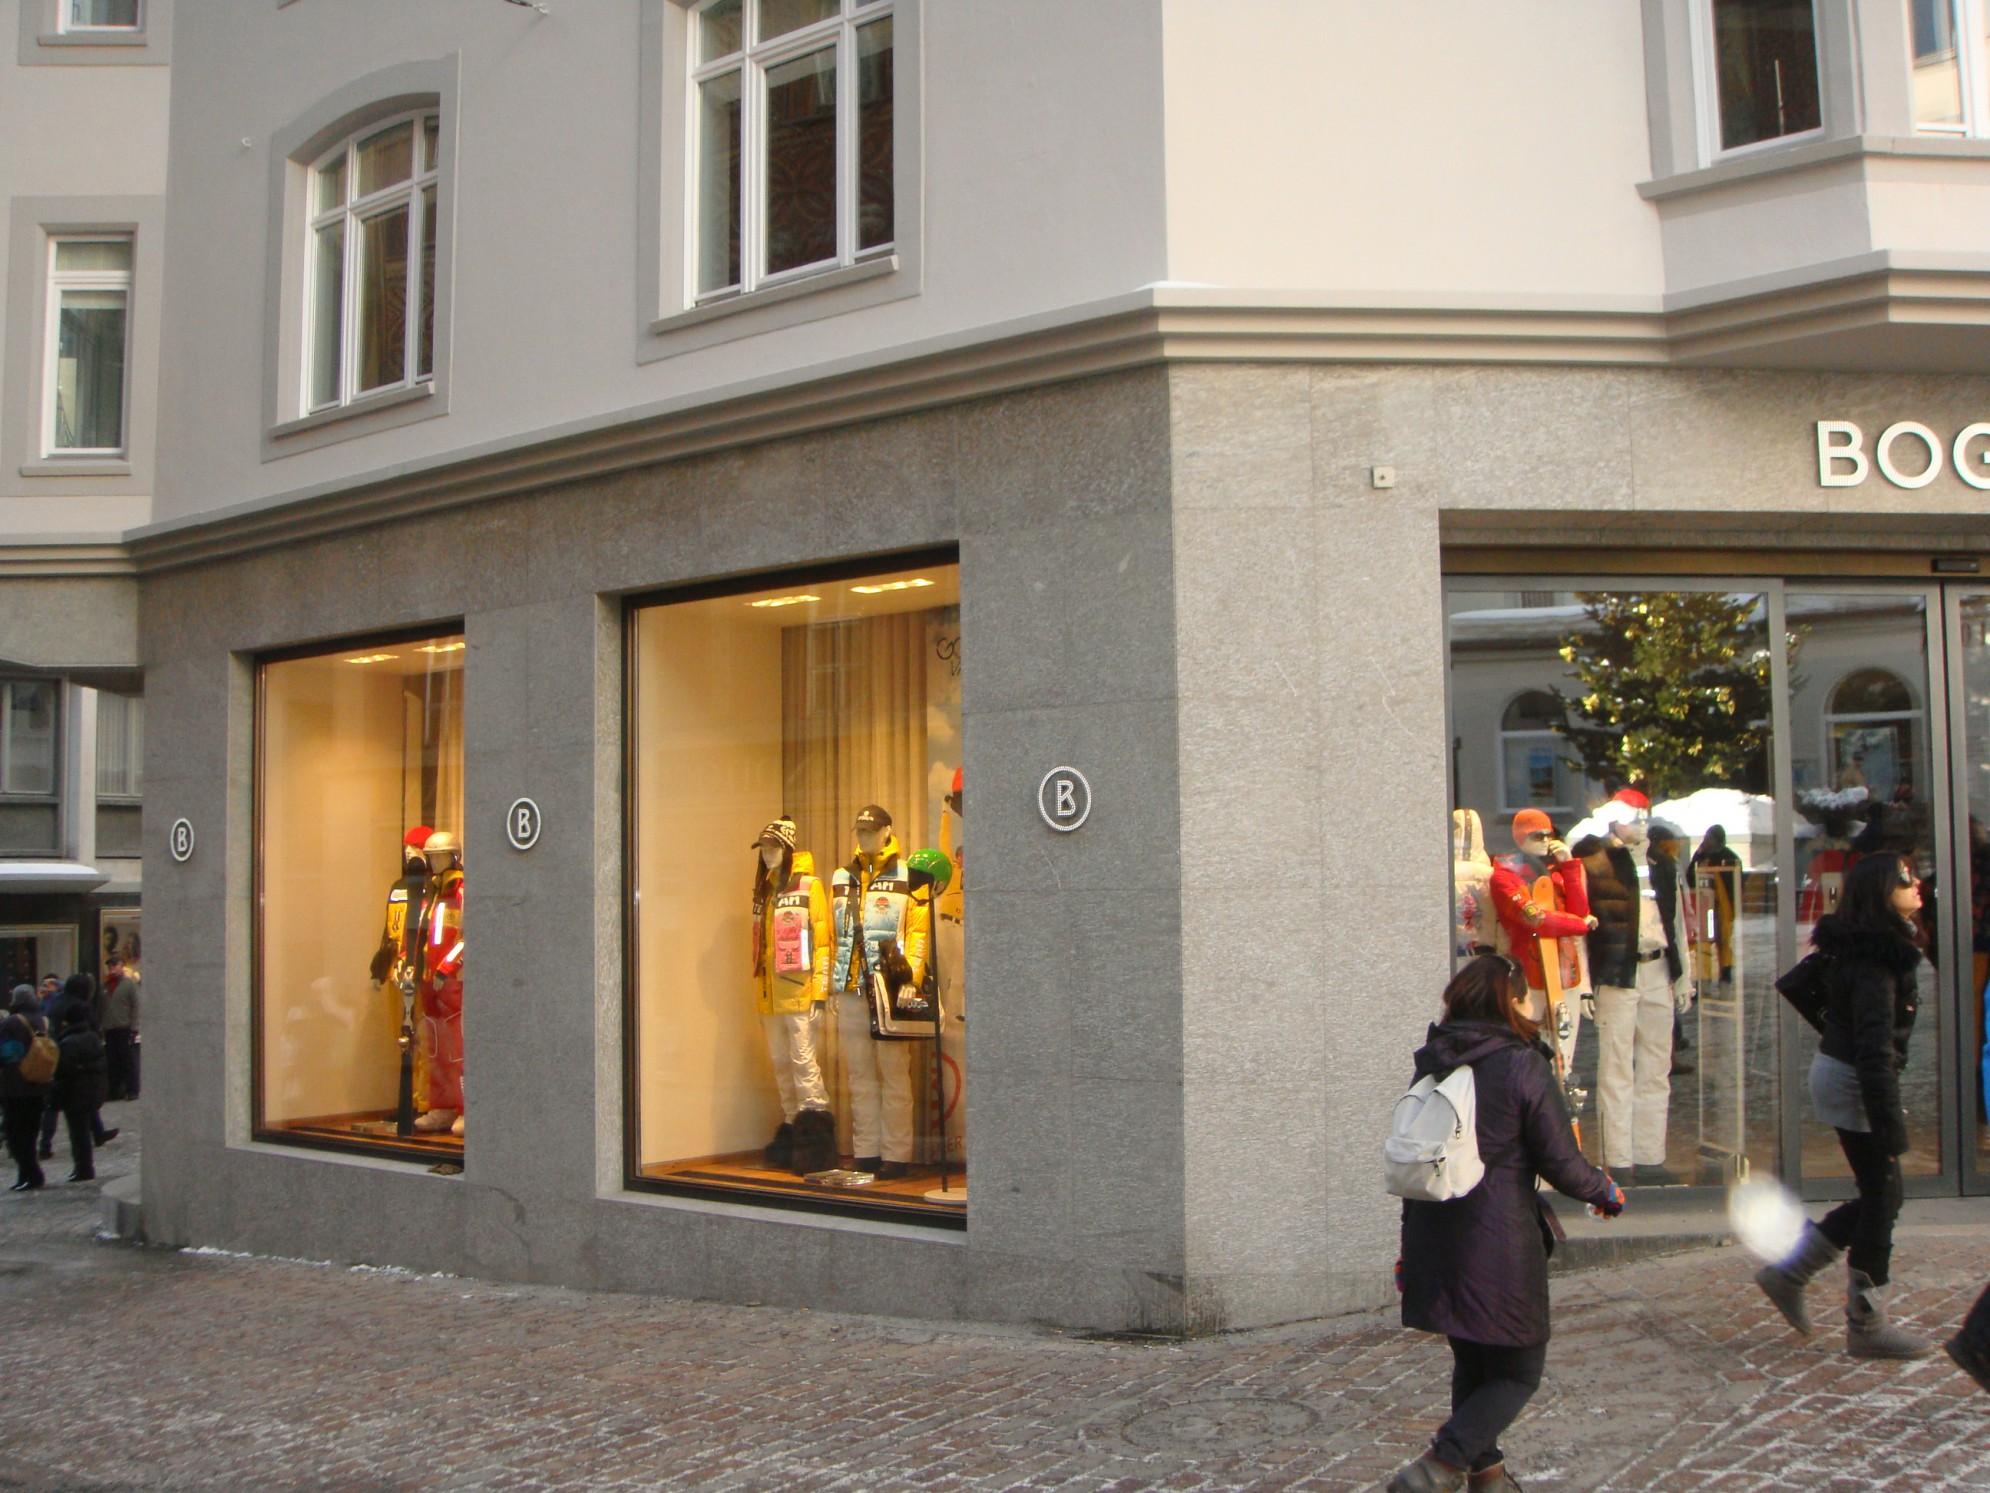 Le tre vetrine del Negozio Bogner inserito su edificio in marmo della valmalenco